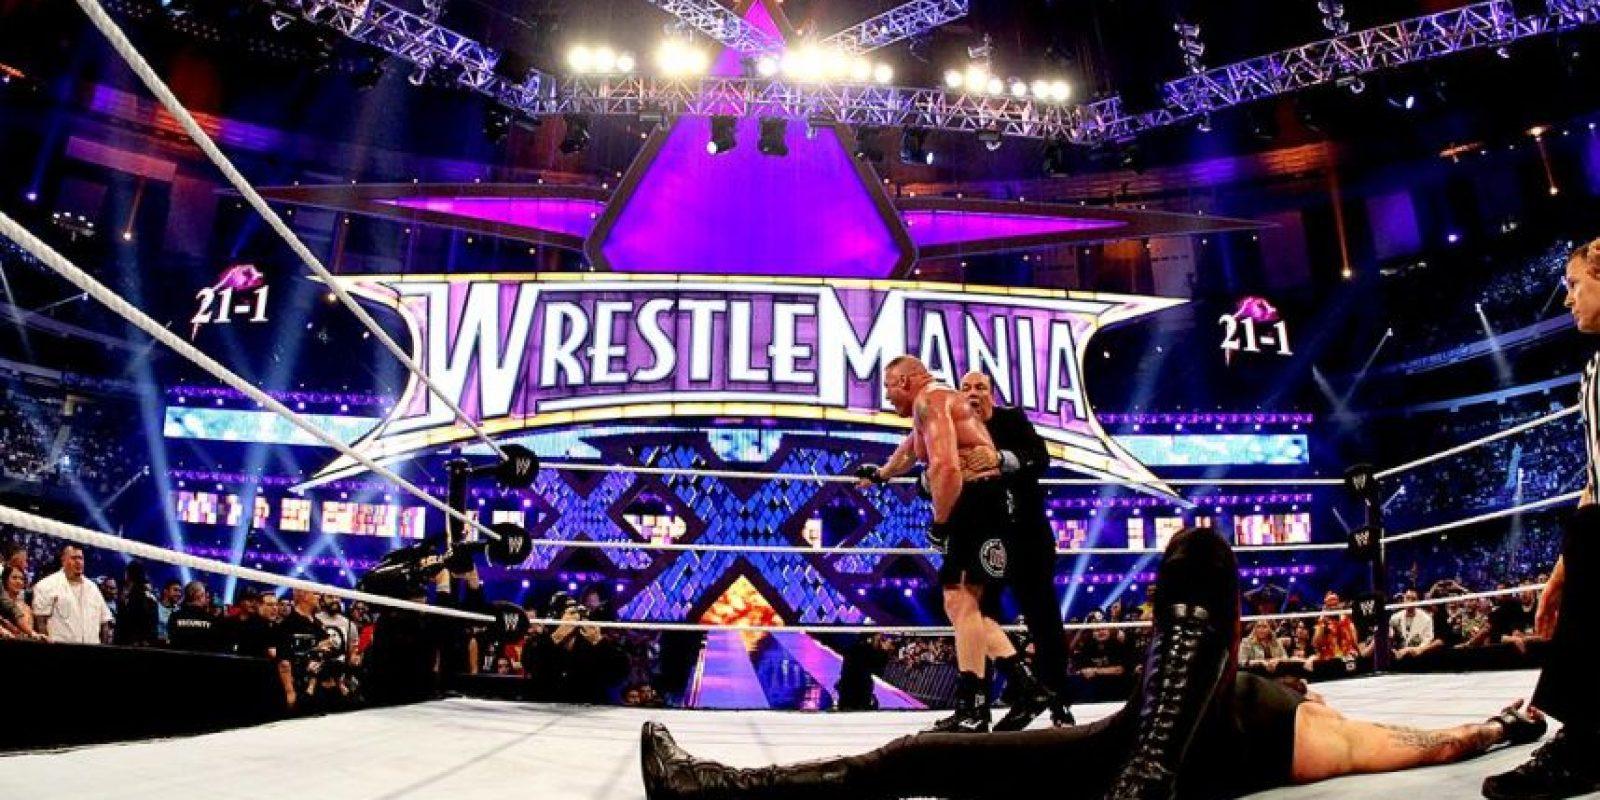 Dejó la marca del Enterrador en 21-1 en el magno evento del entretenimiento deportivo Foto:WWE